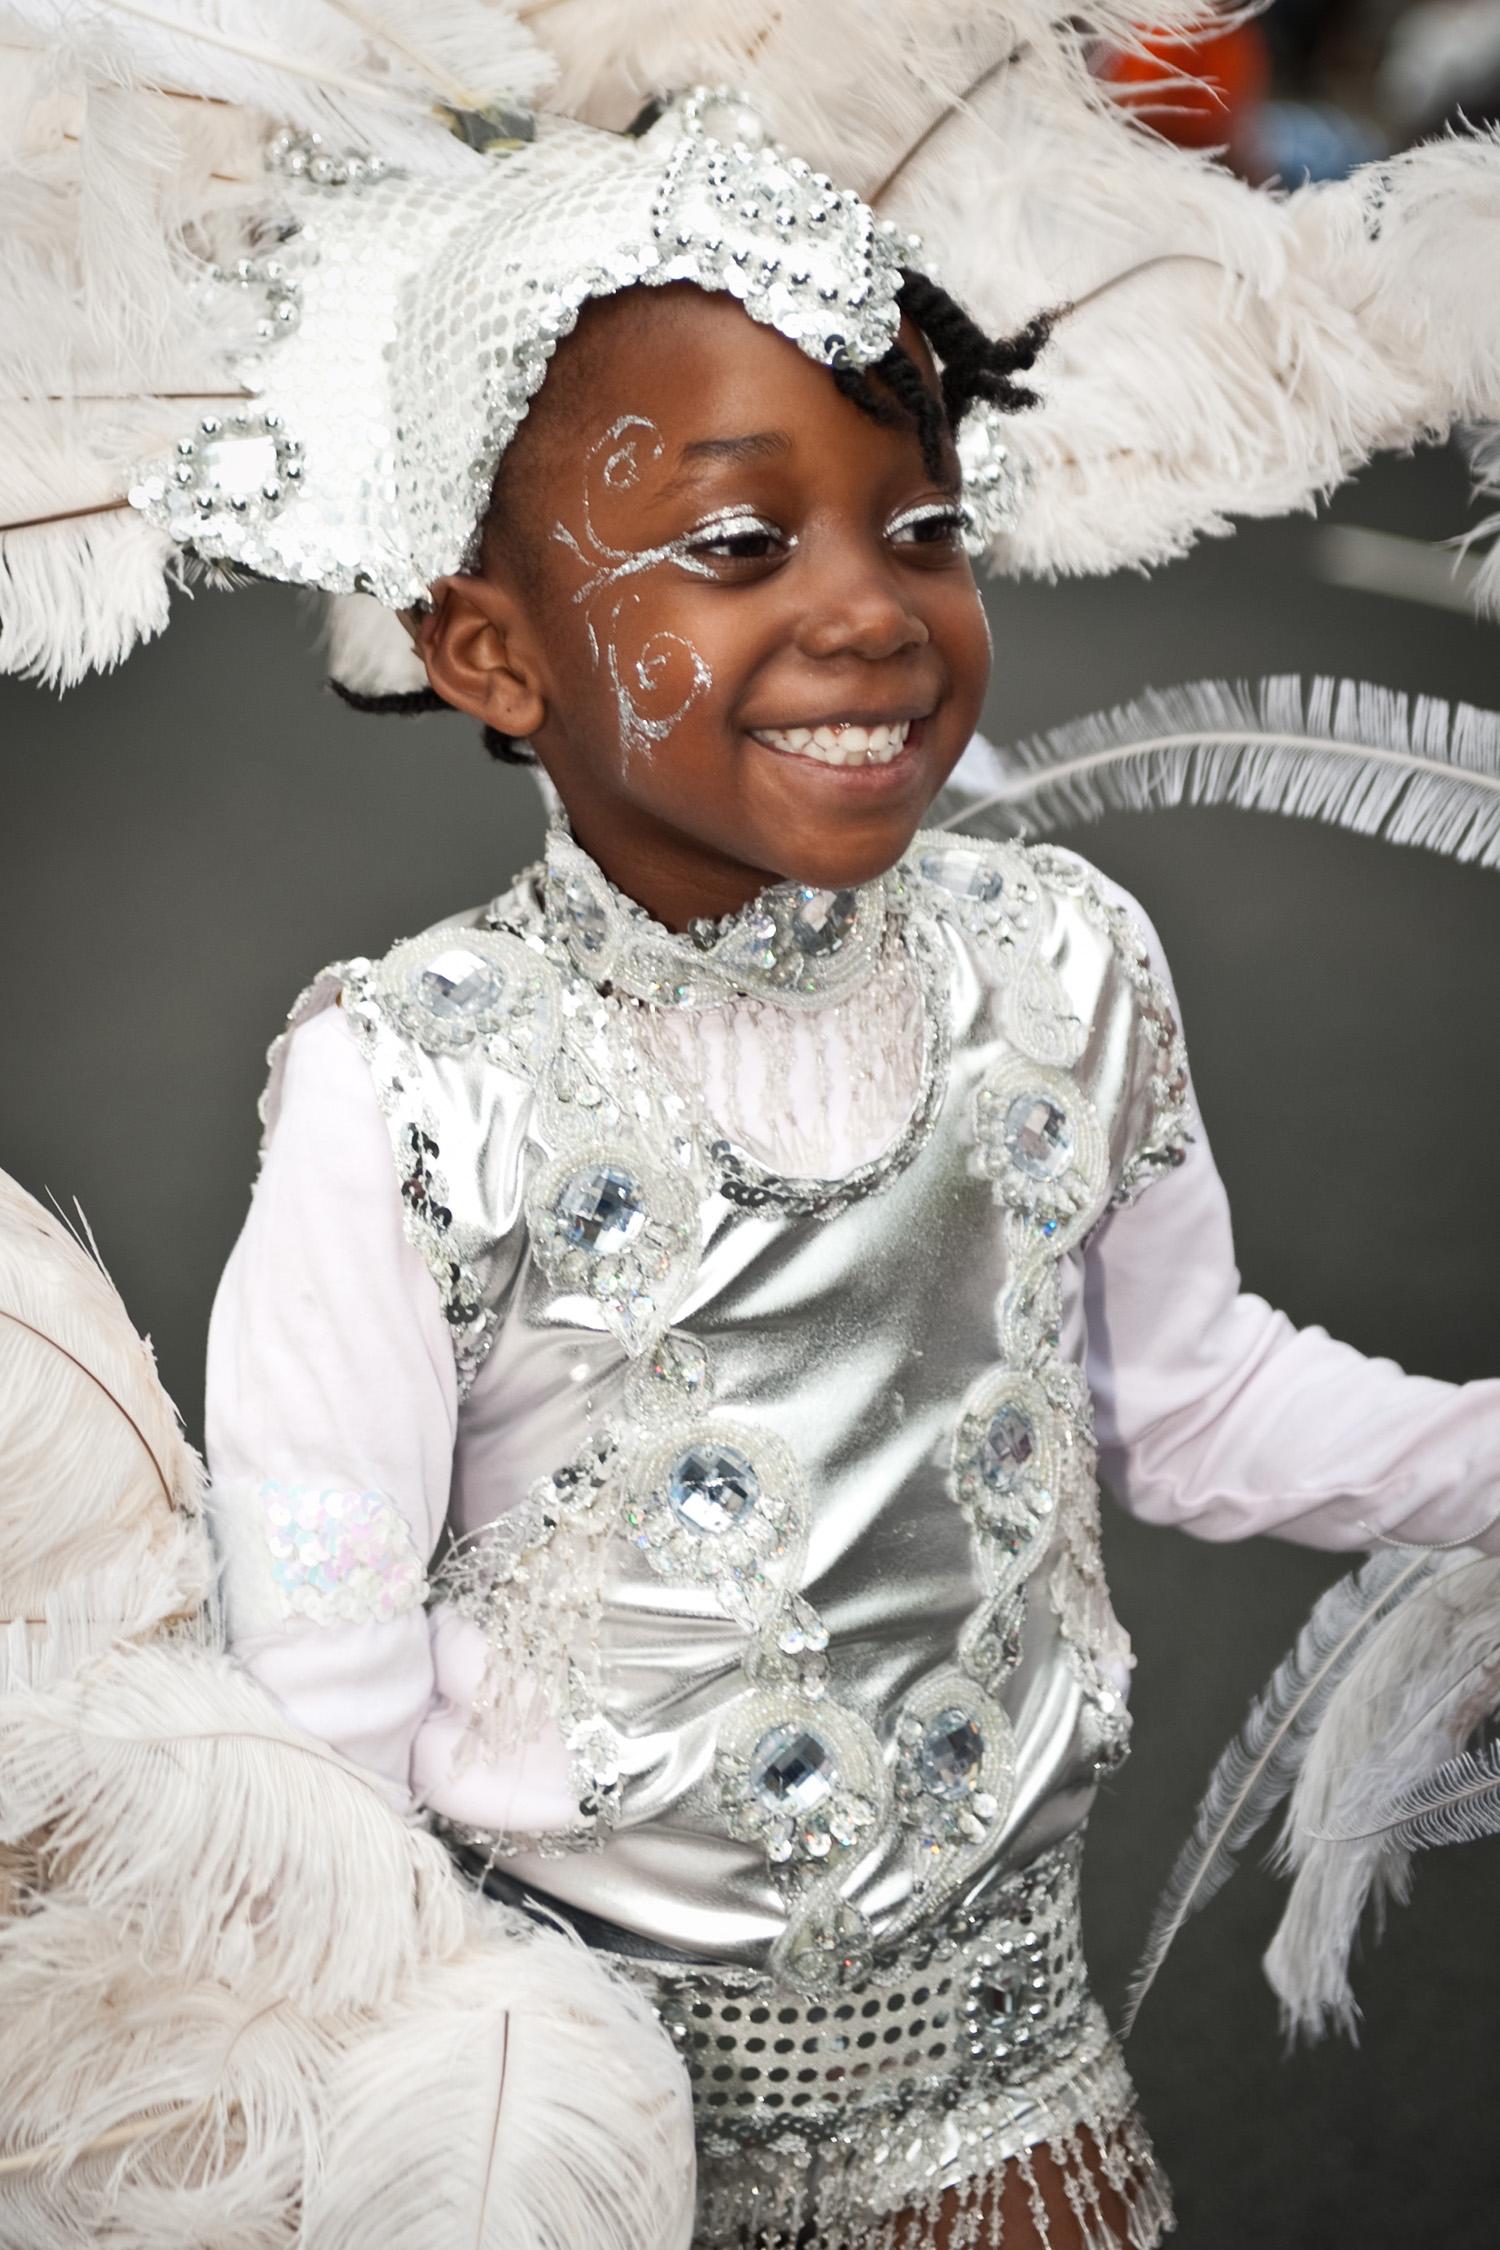 Carnival_the_Kids_13